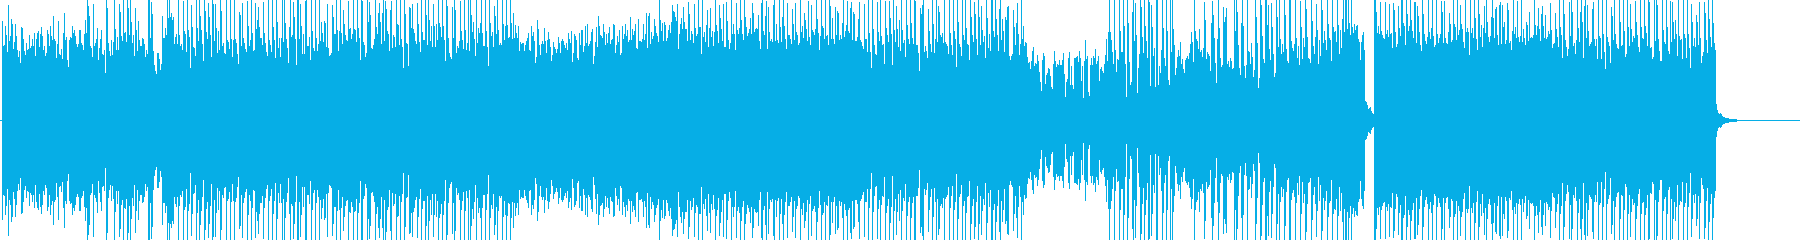 明るくて可愛い、ポップな曲の再生済みの波形